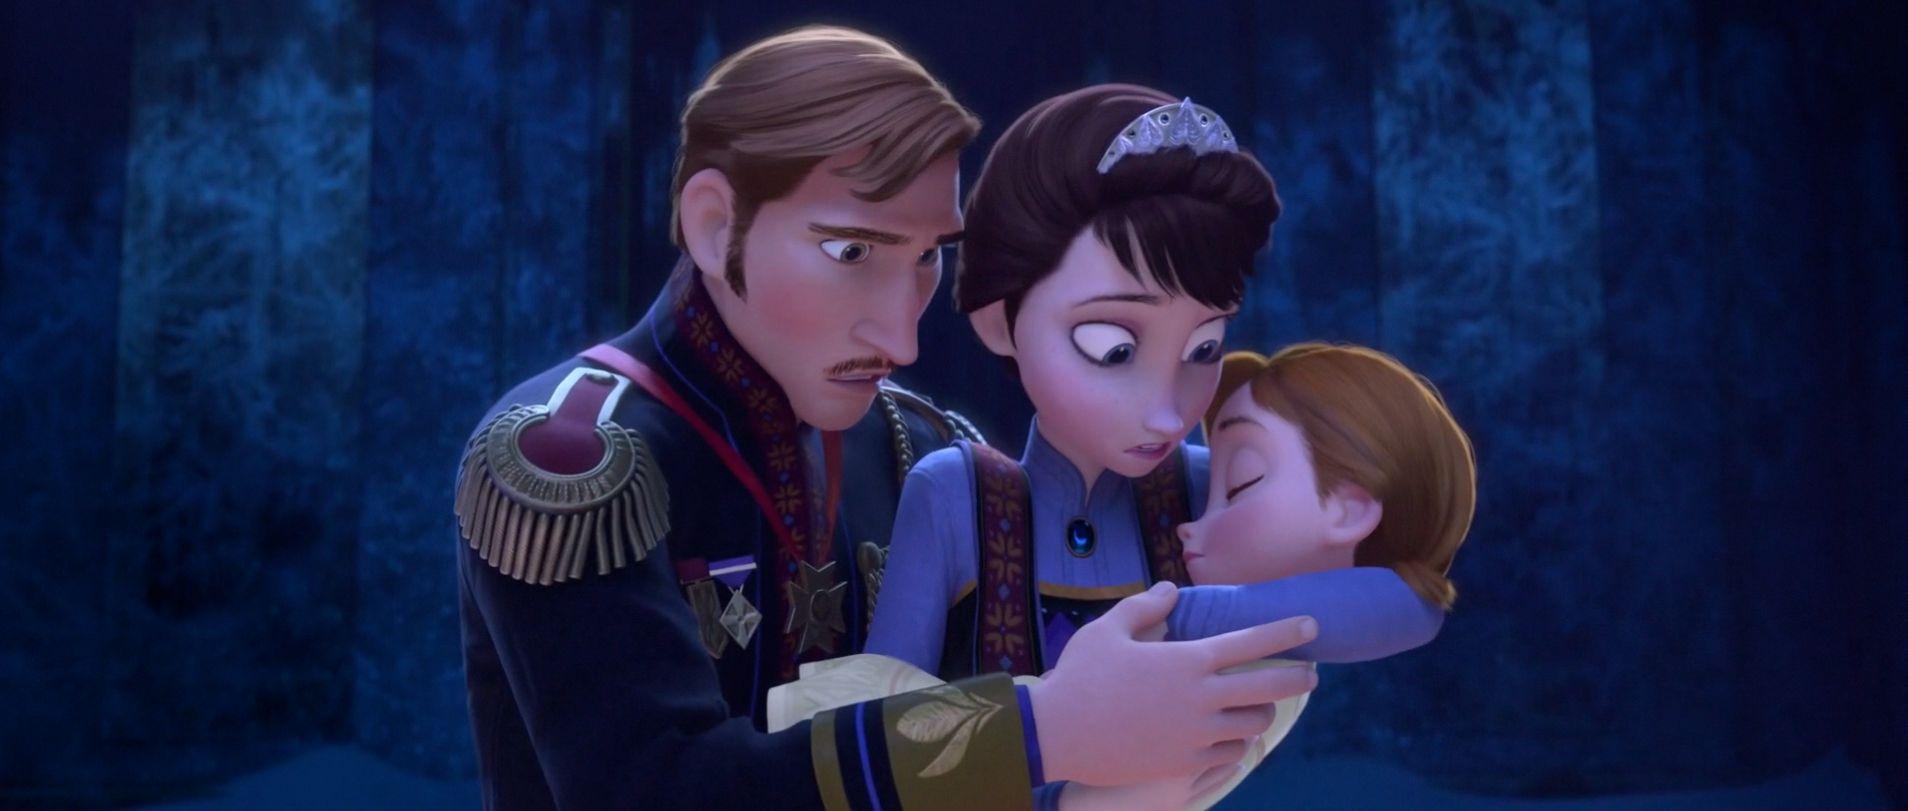 frozen-parents